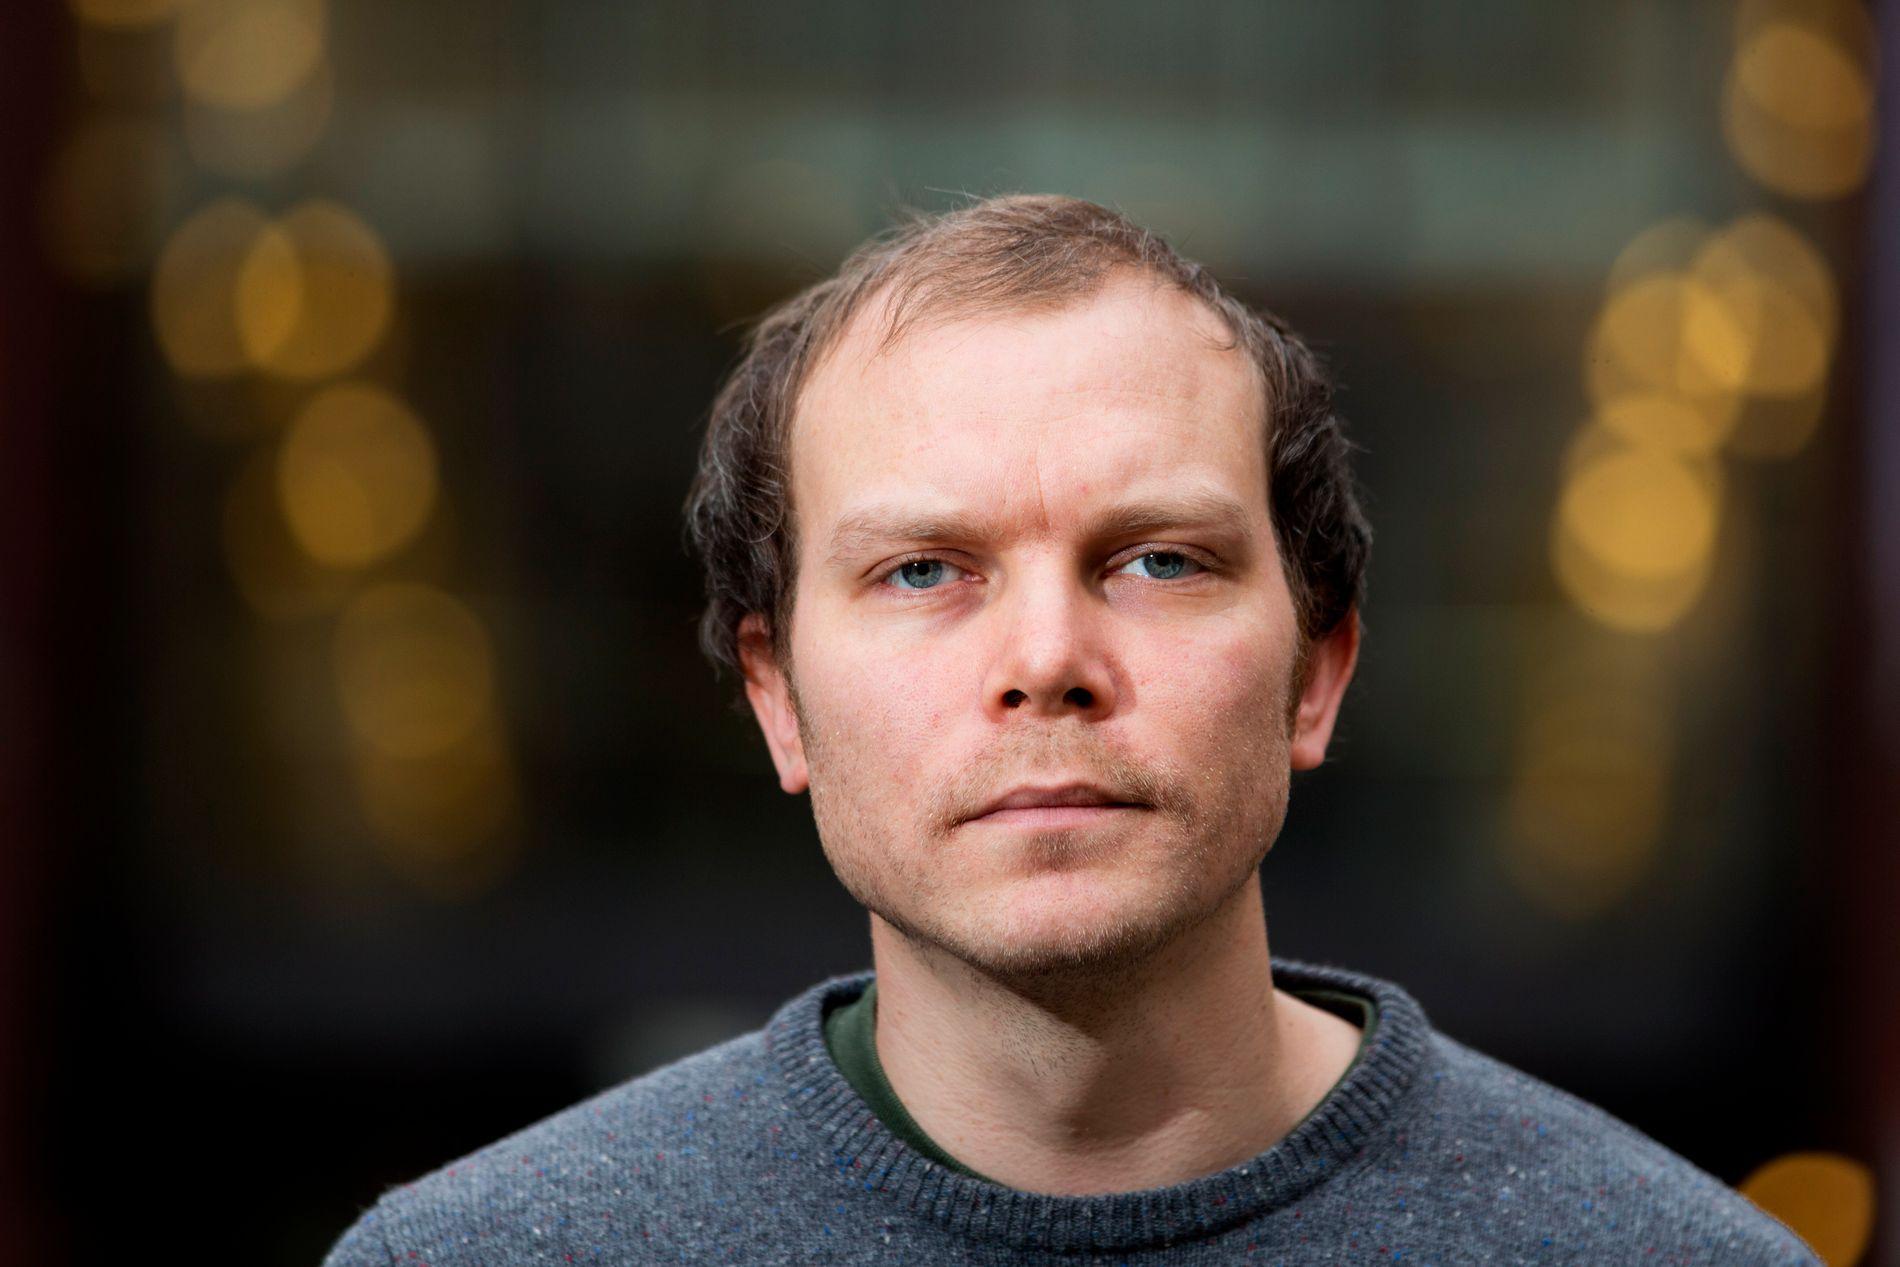 FOTNOTENES TRIUMF: Johan Harstads nye roman inntar en særstiling i hele hans forfatterskap, mener VGs anmelder.